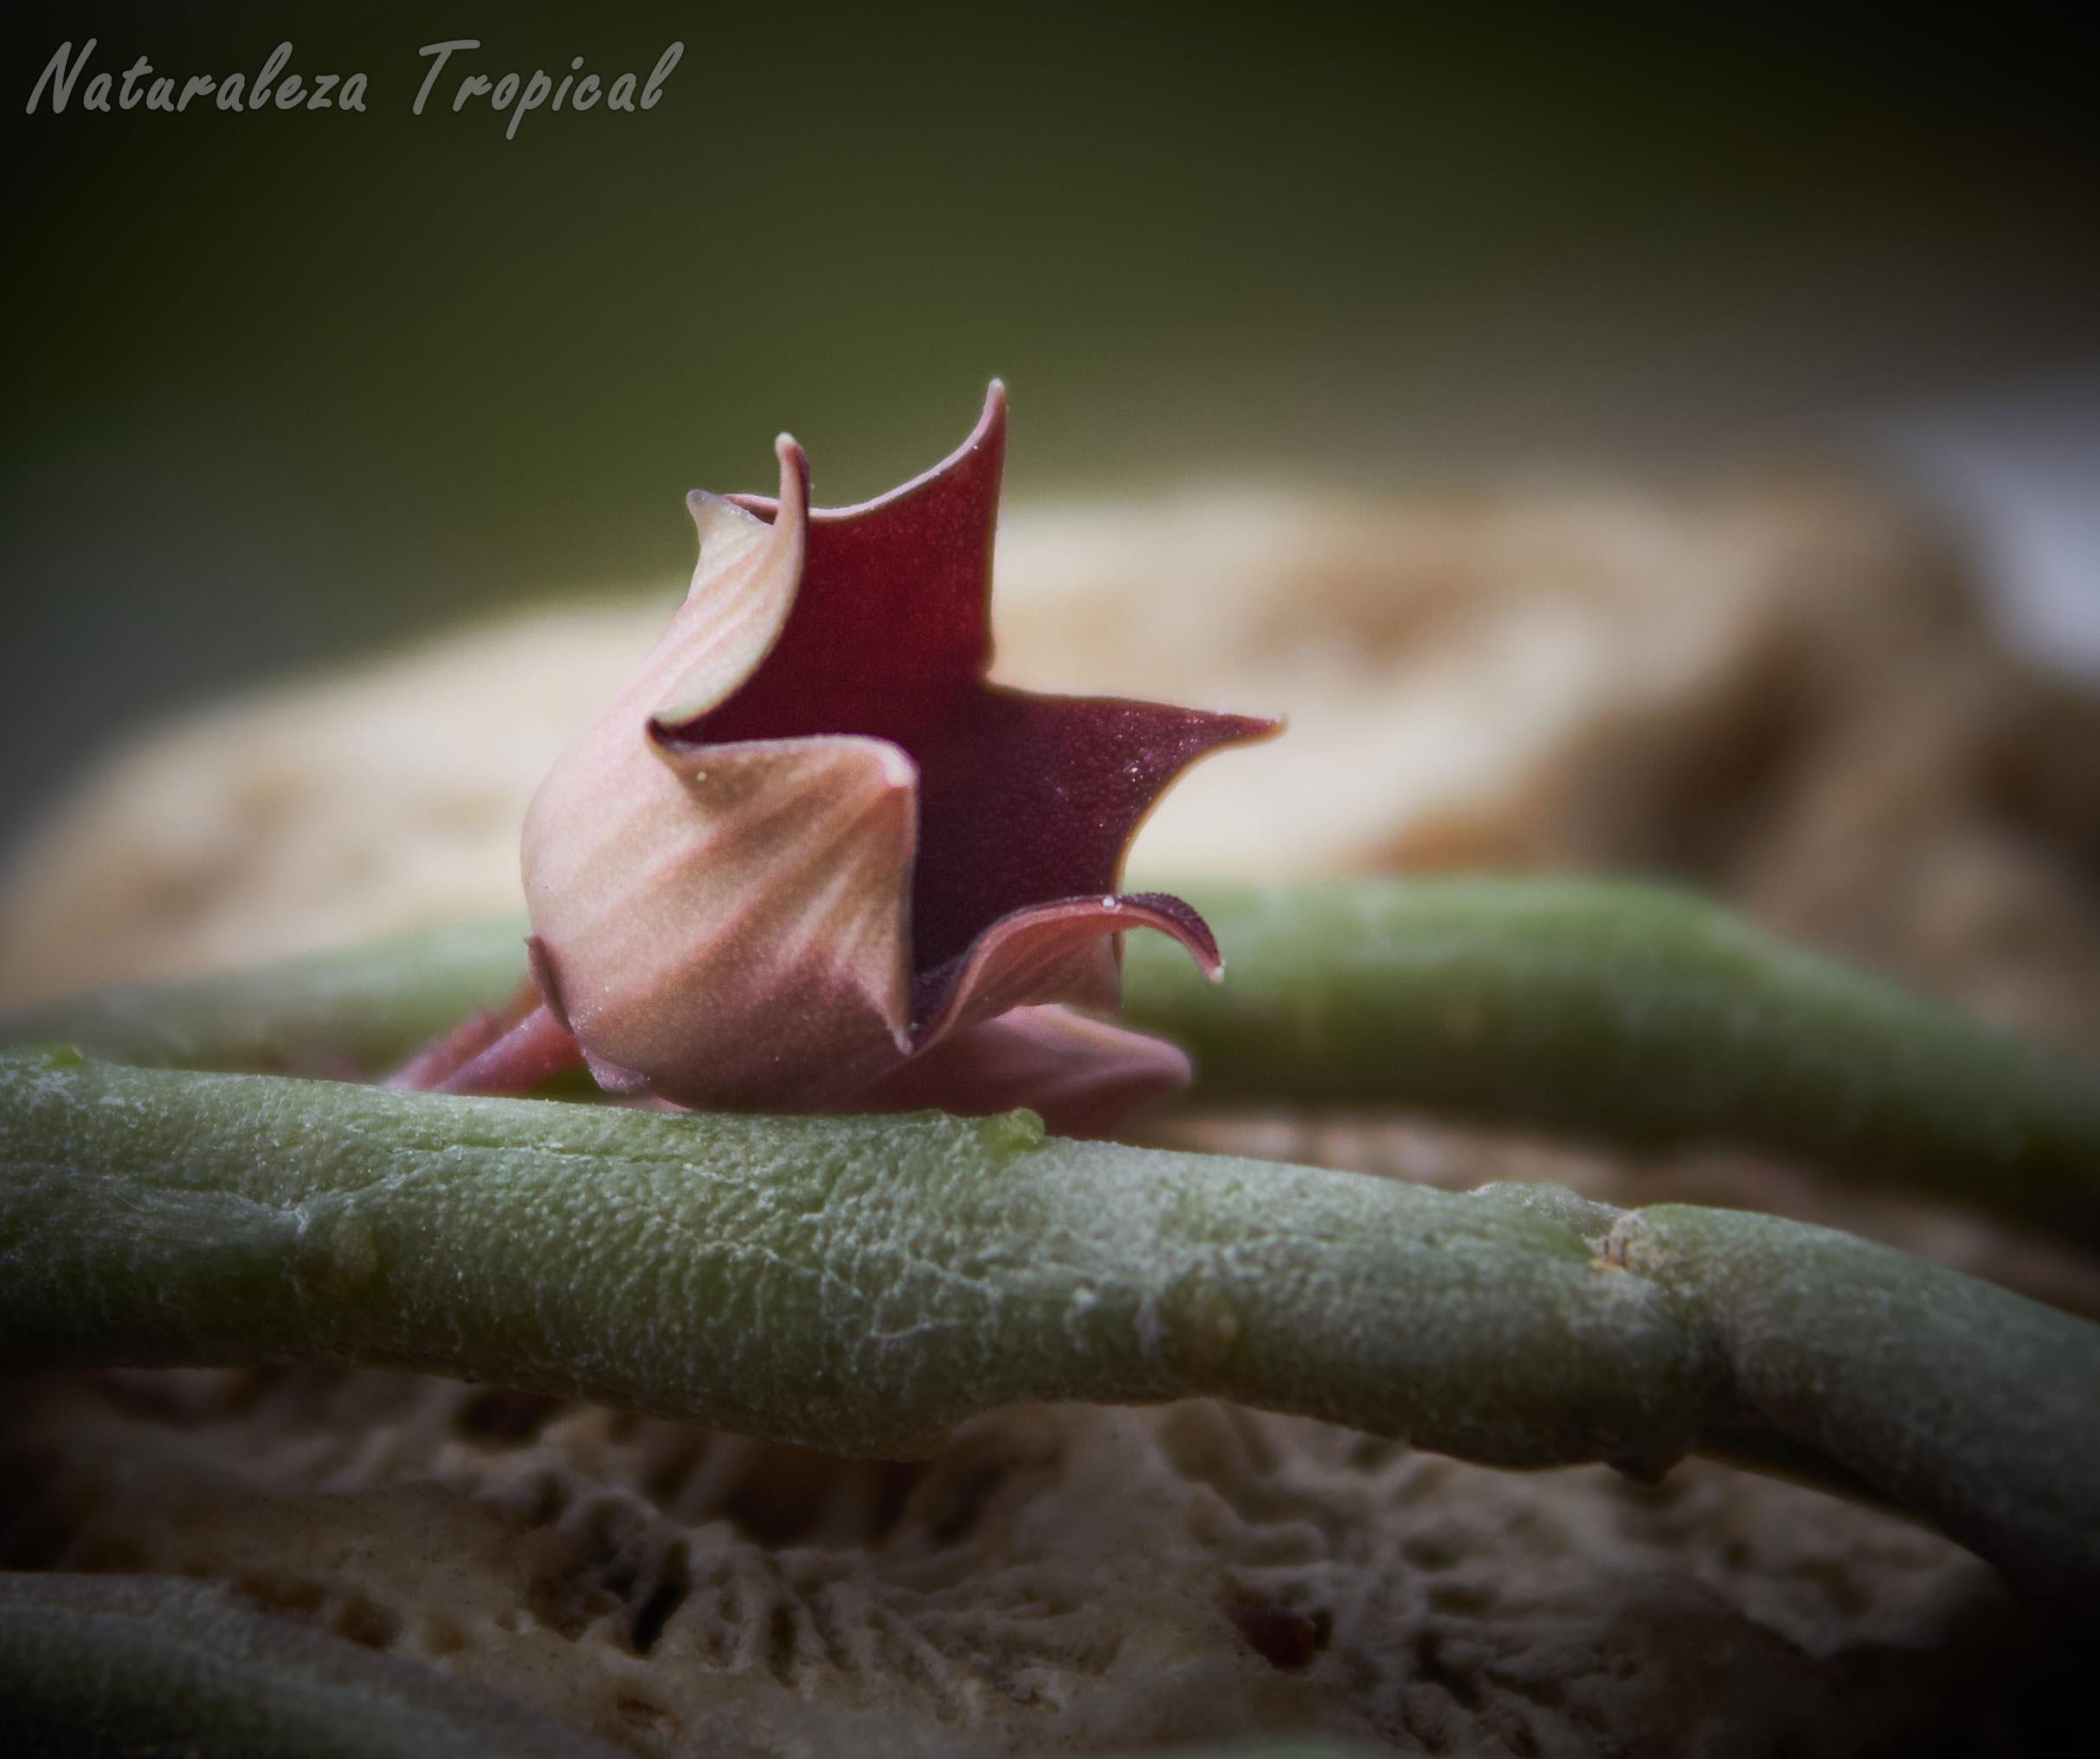 Flor y tallos de la planta suculenta Huernia pendula